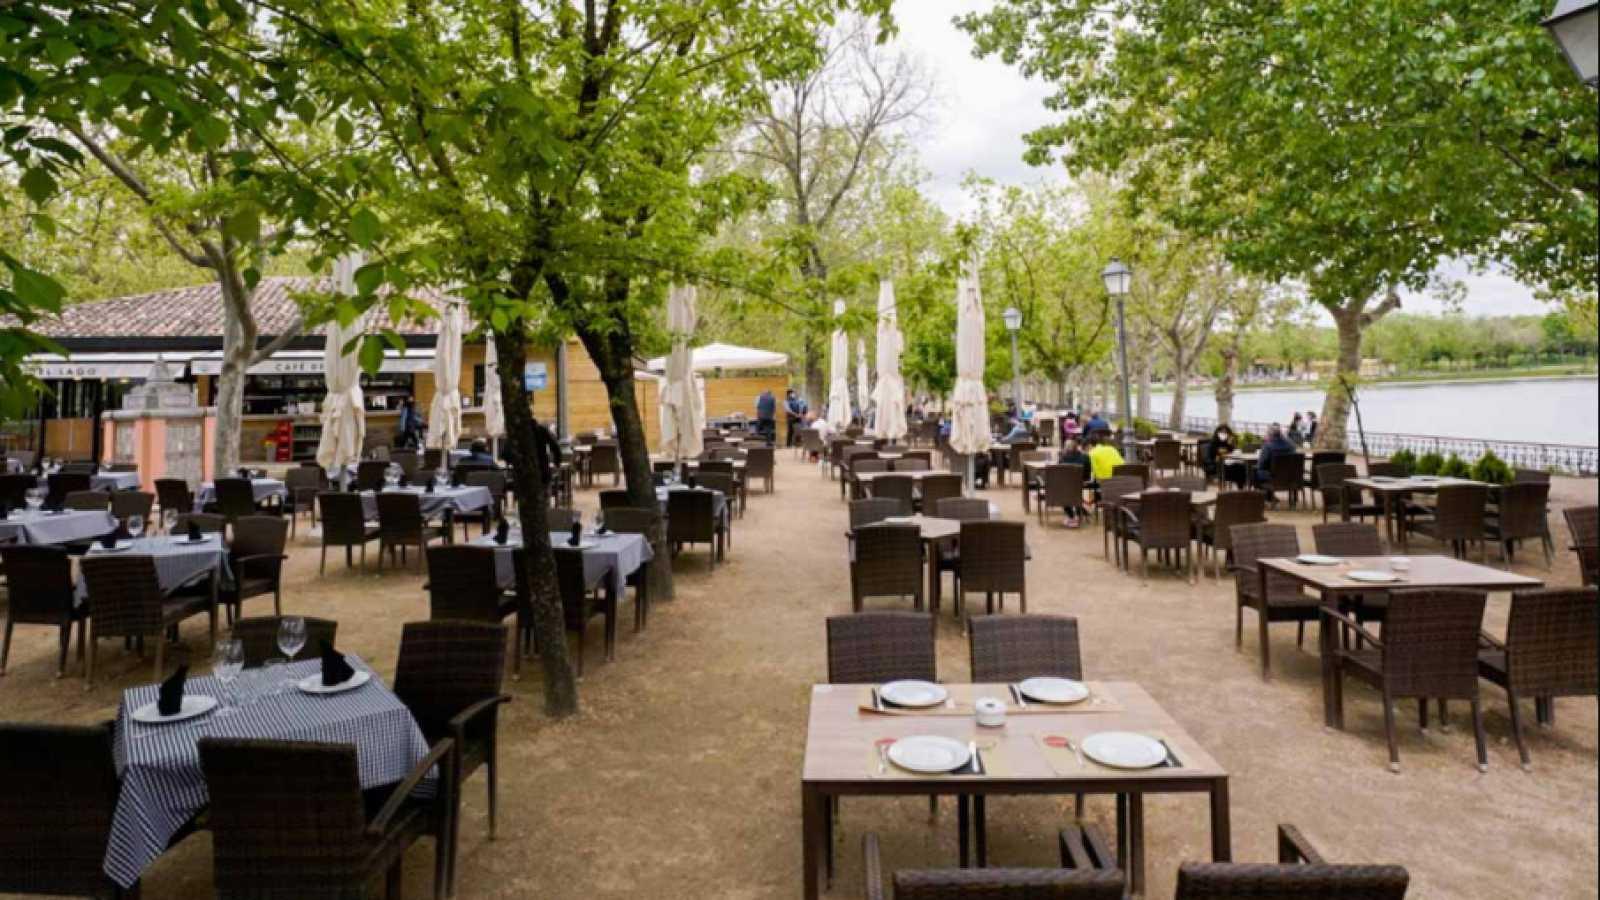 En clave Turismo - Gastronomía en la Casa de Campo de Madrid - 14/05/21 - escuchar ahora